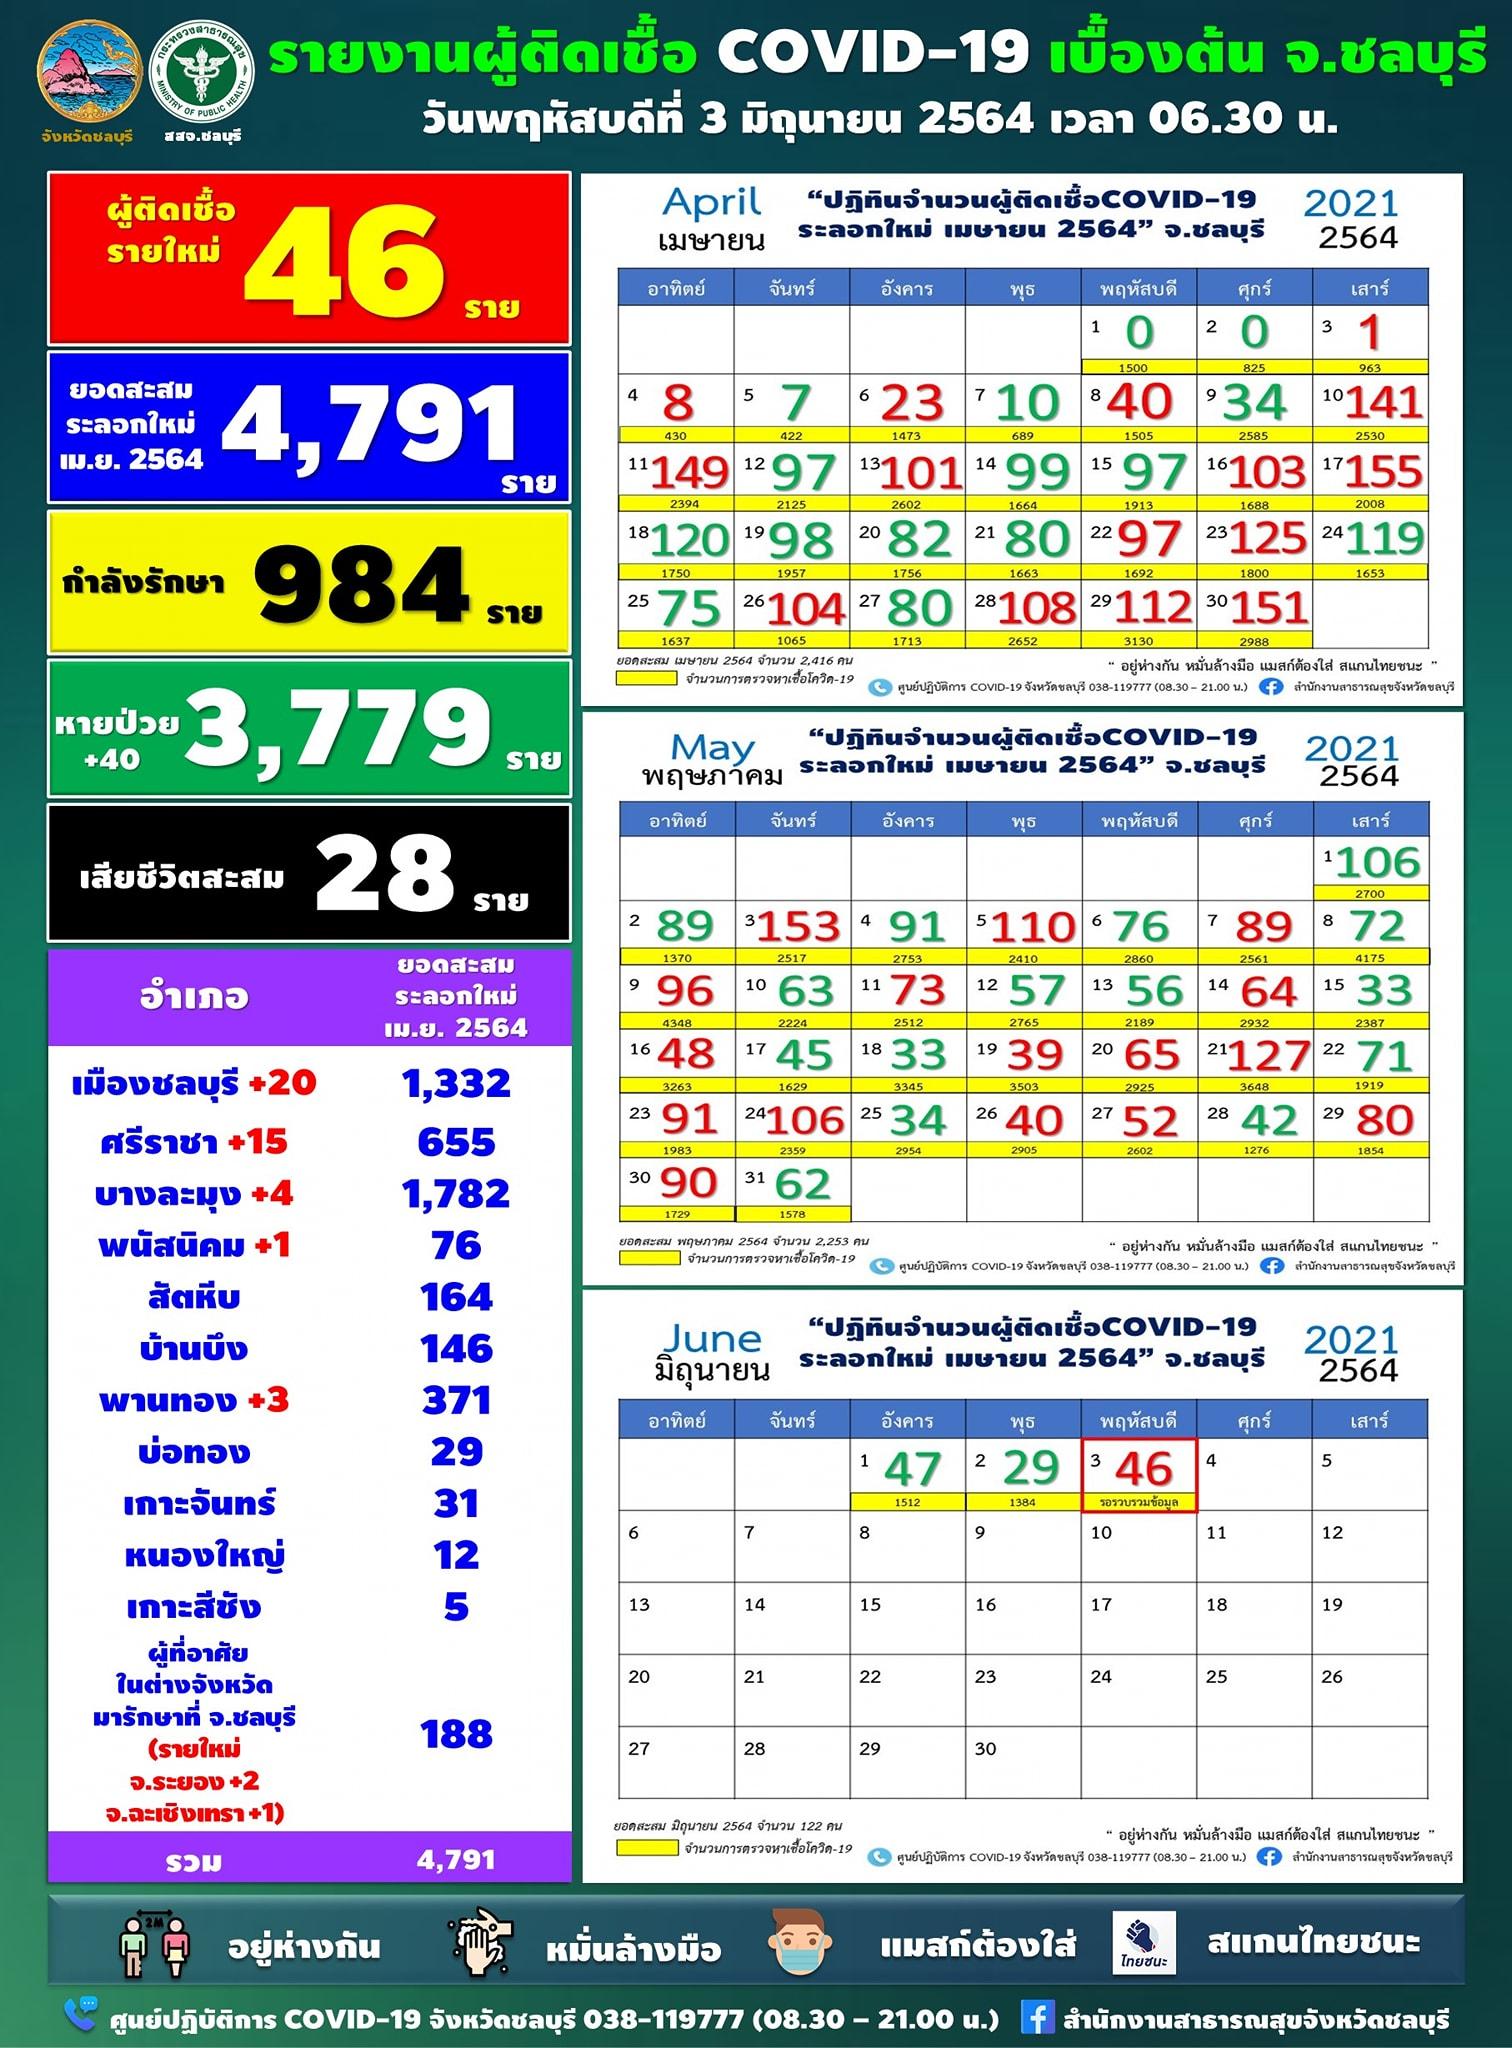 チョンブリ県 1日の陽性は46人[2021年6月3日発表]